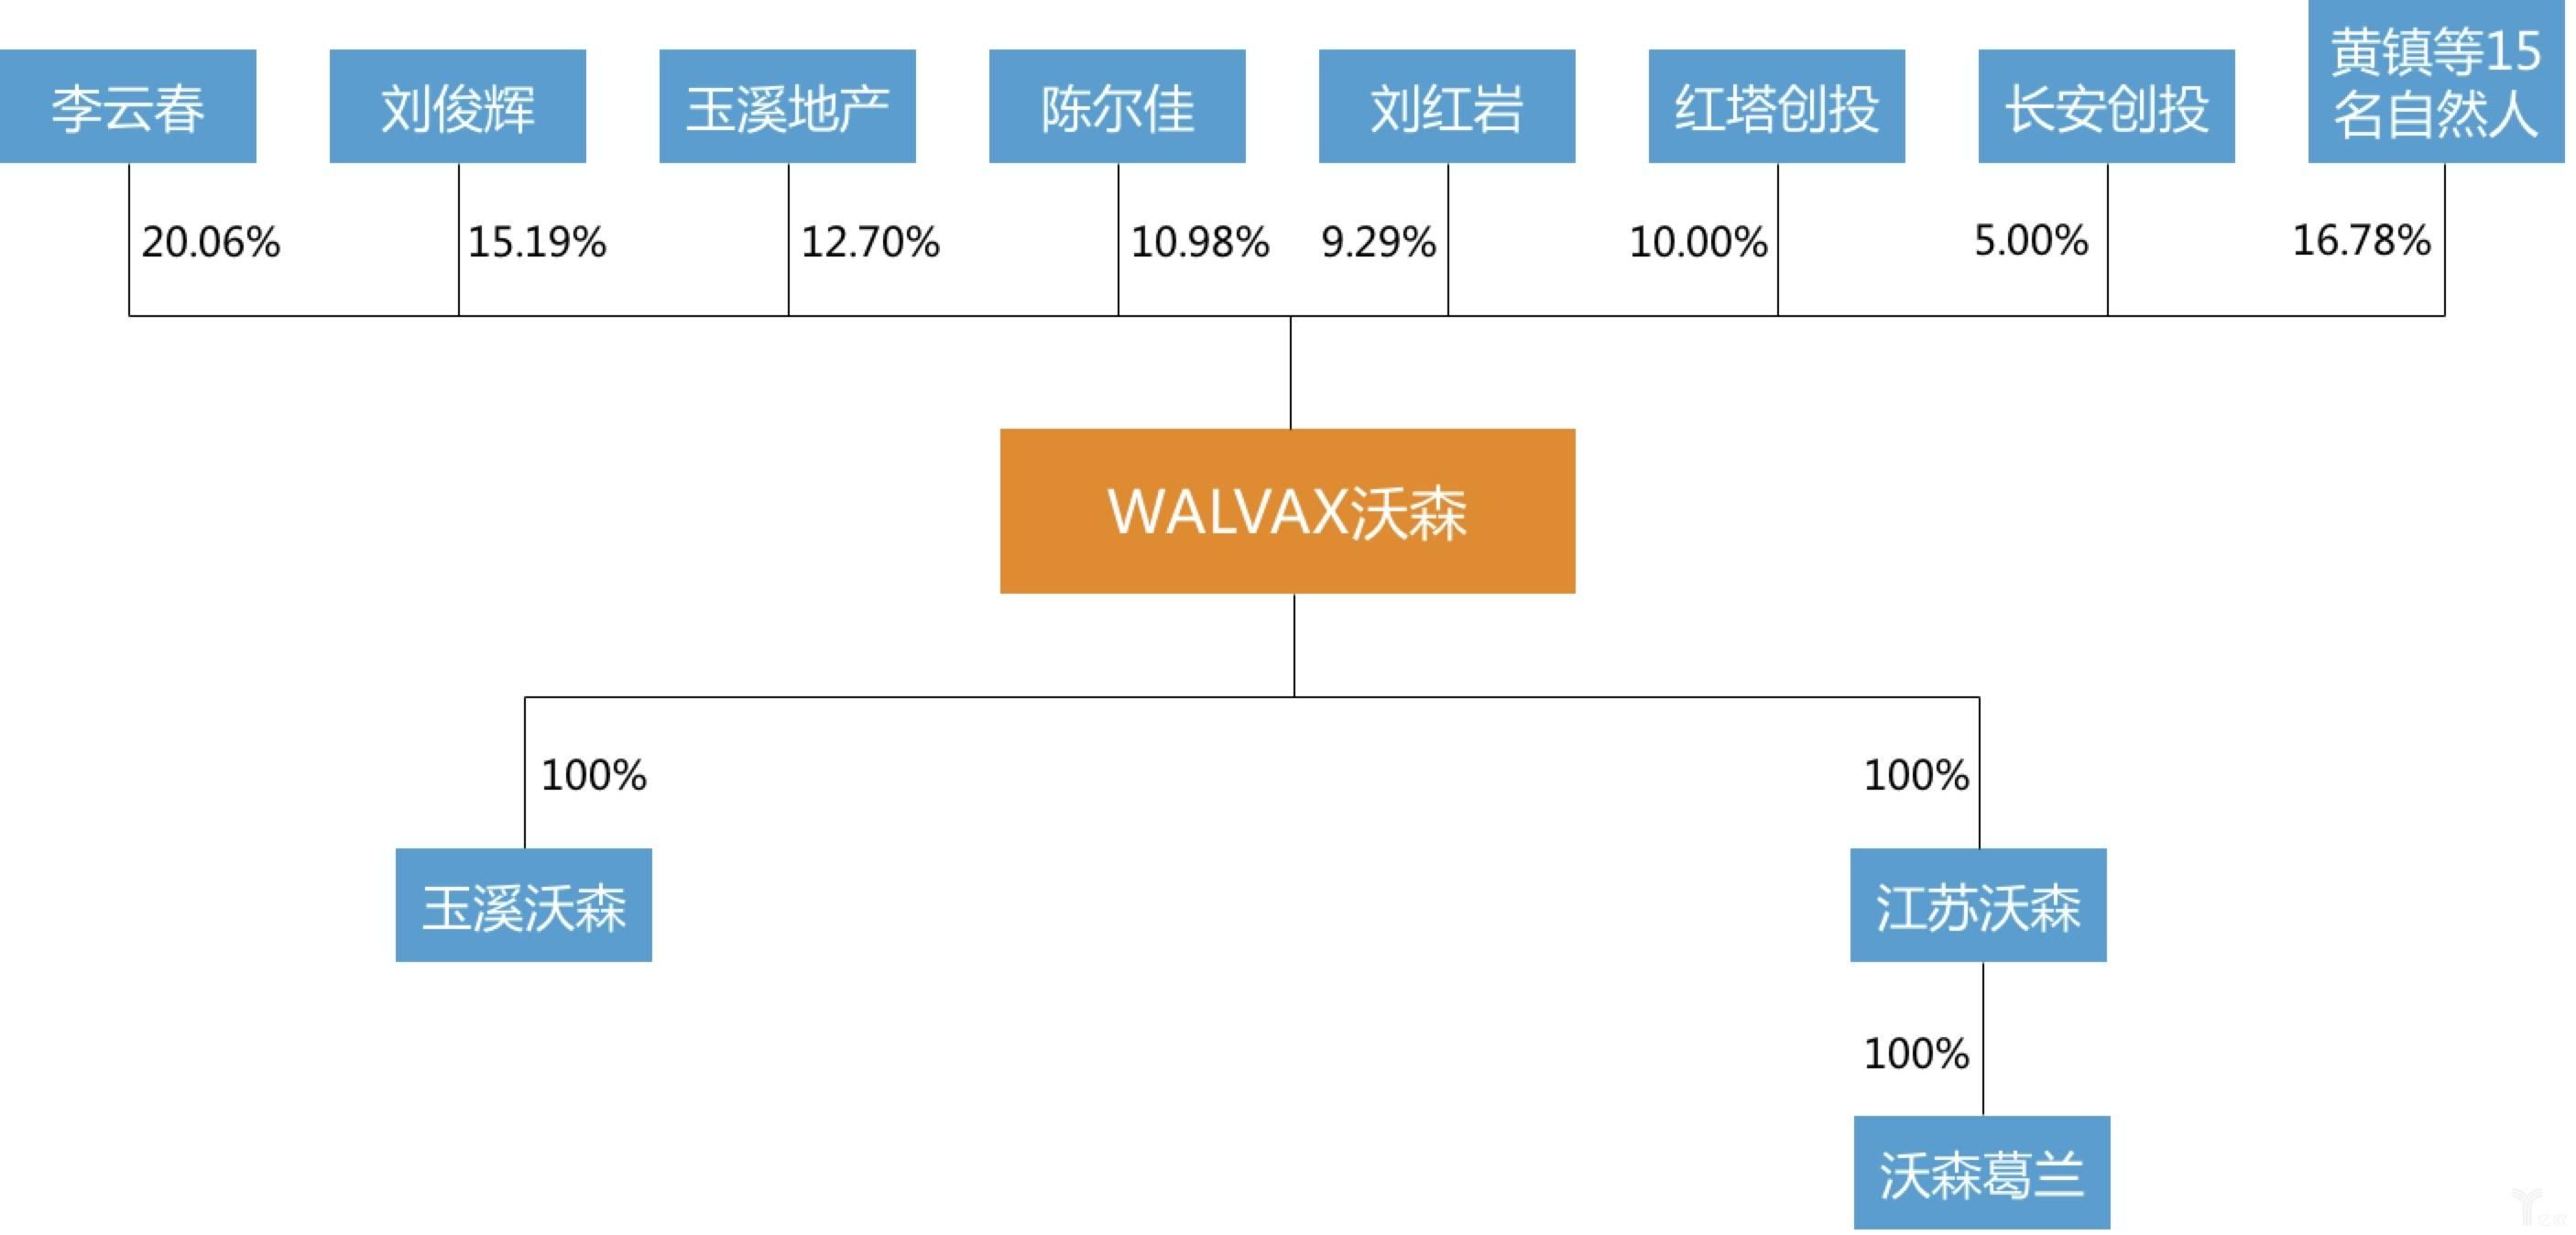 沃森生物招股书股权结构图.jpeg